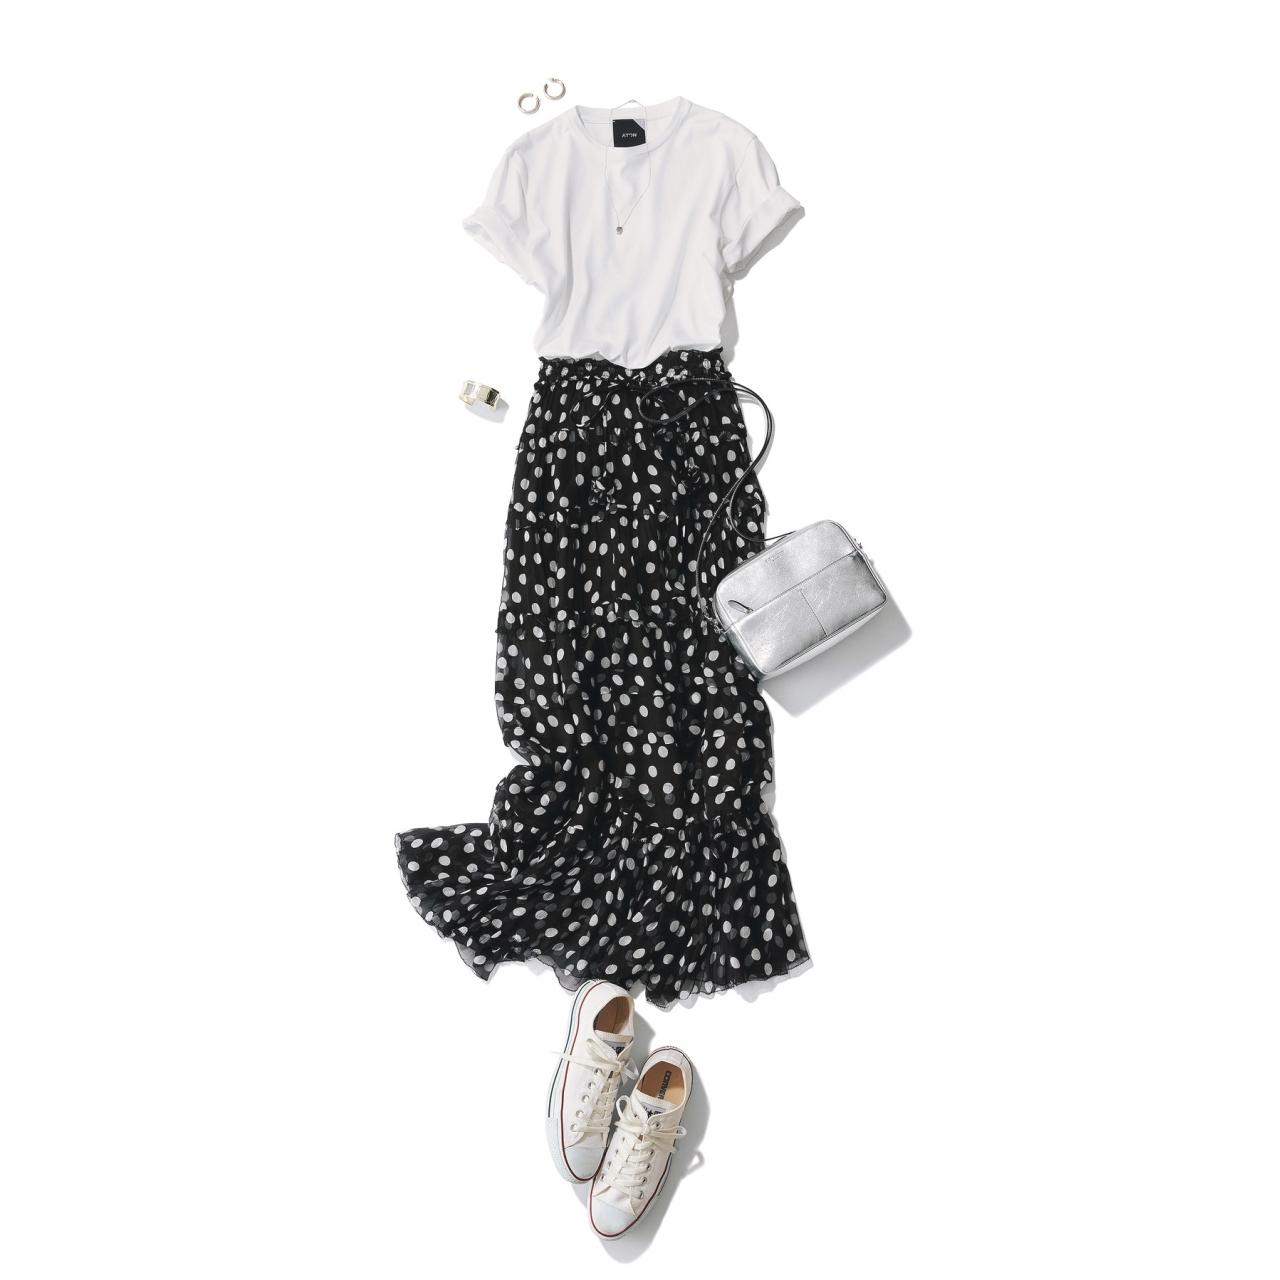 白コンバース×ドット柄スカート&Tシャツのファッションコーデ